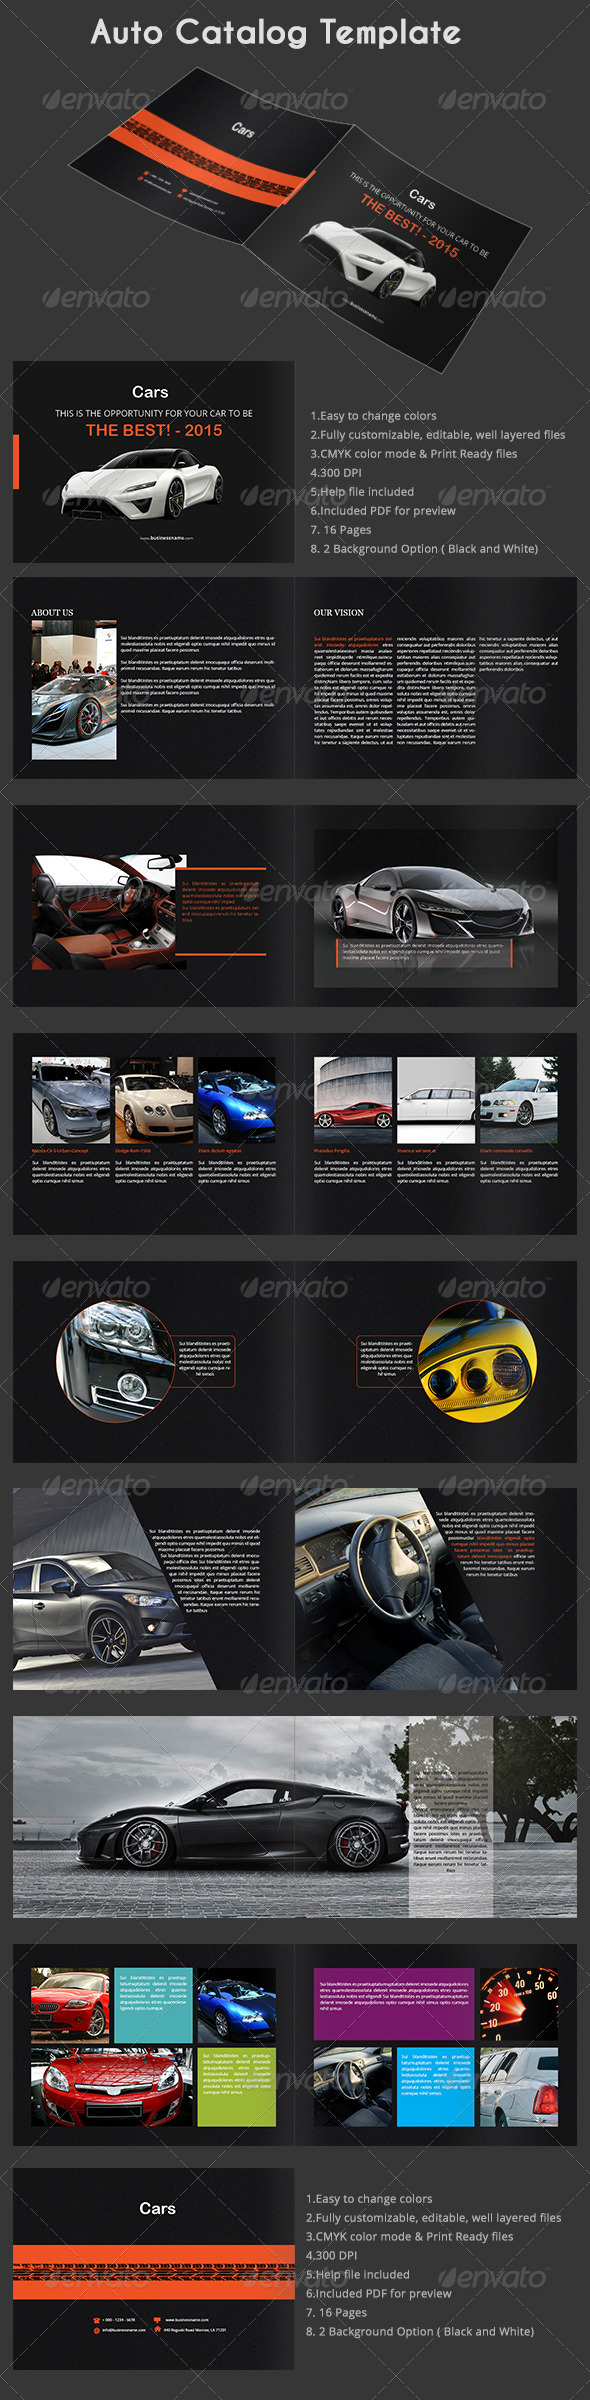 GraphicRiver Auto Catalog Template 7883176